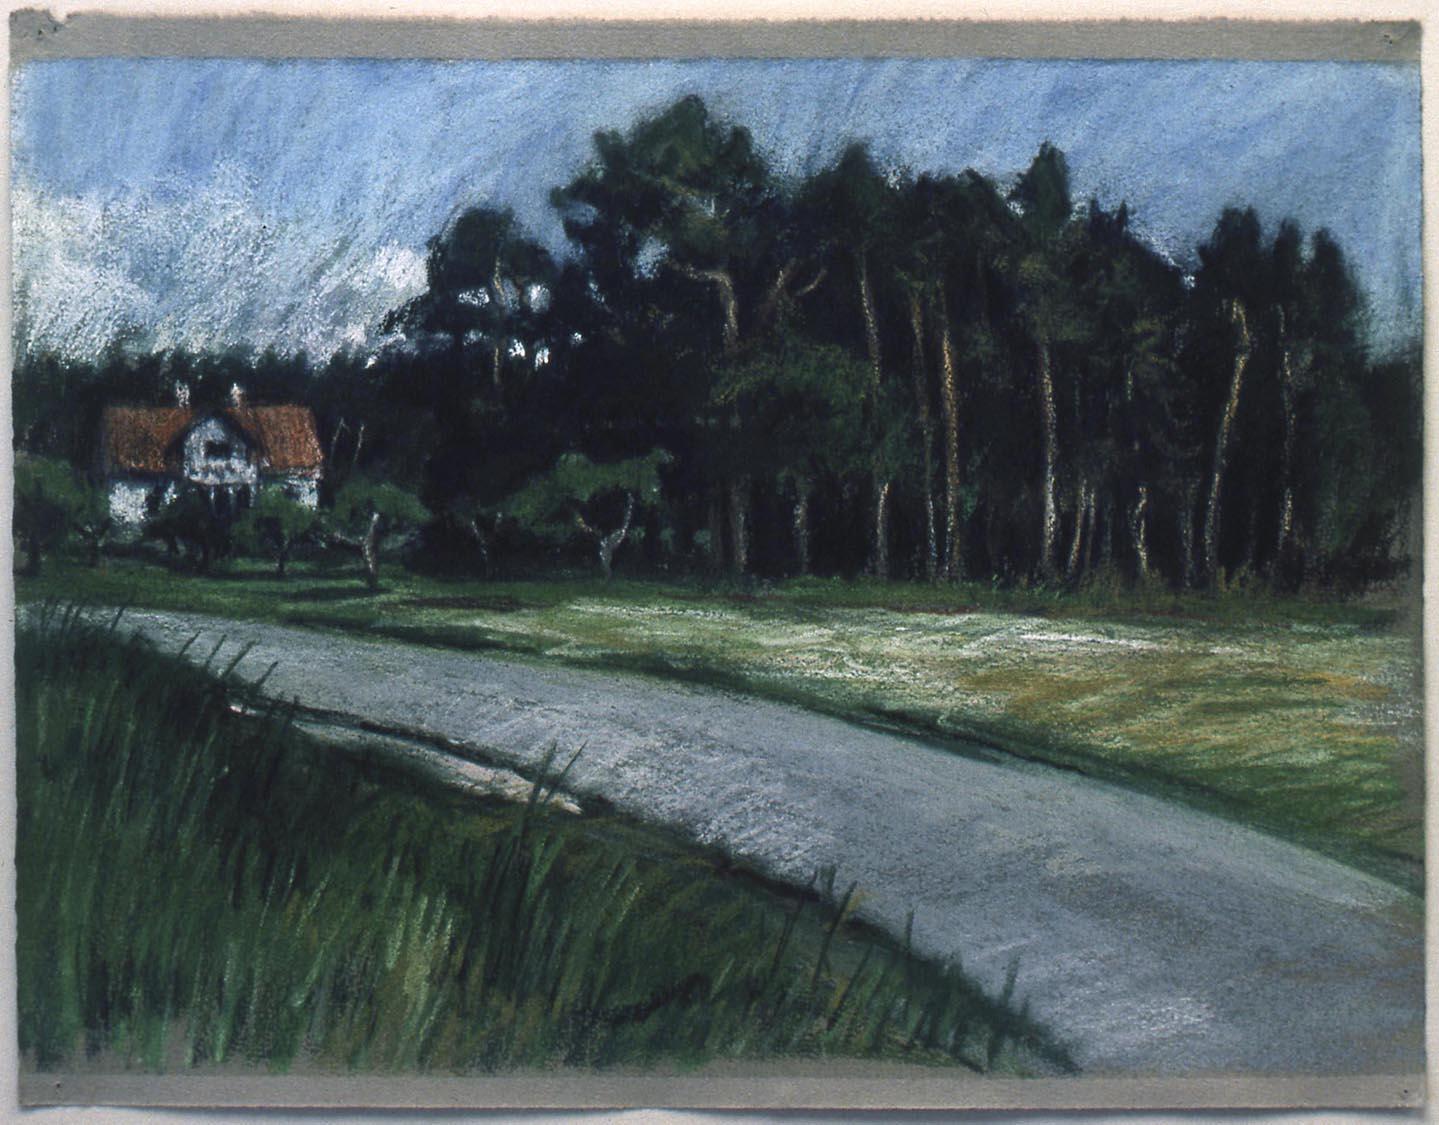 Maison et arbres, Visby, 1981